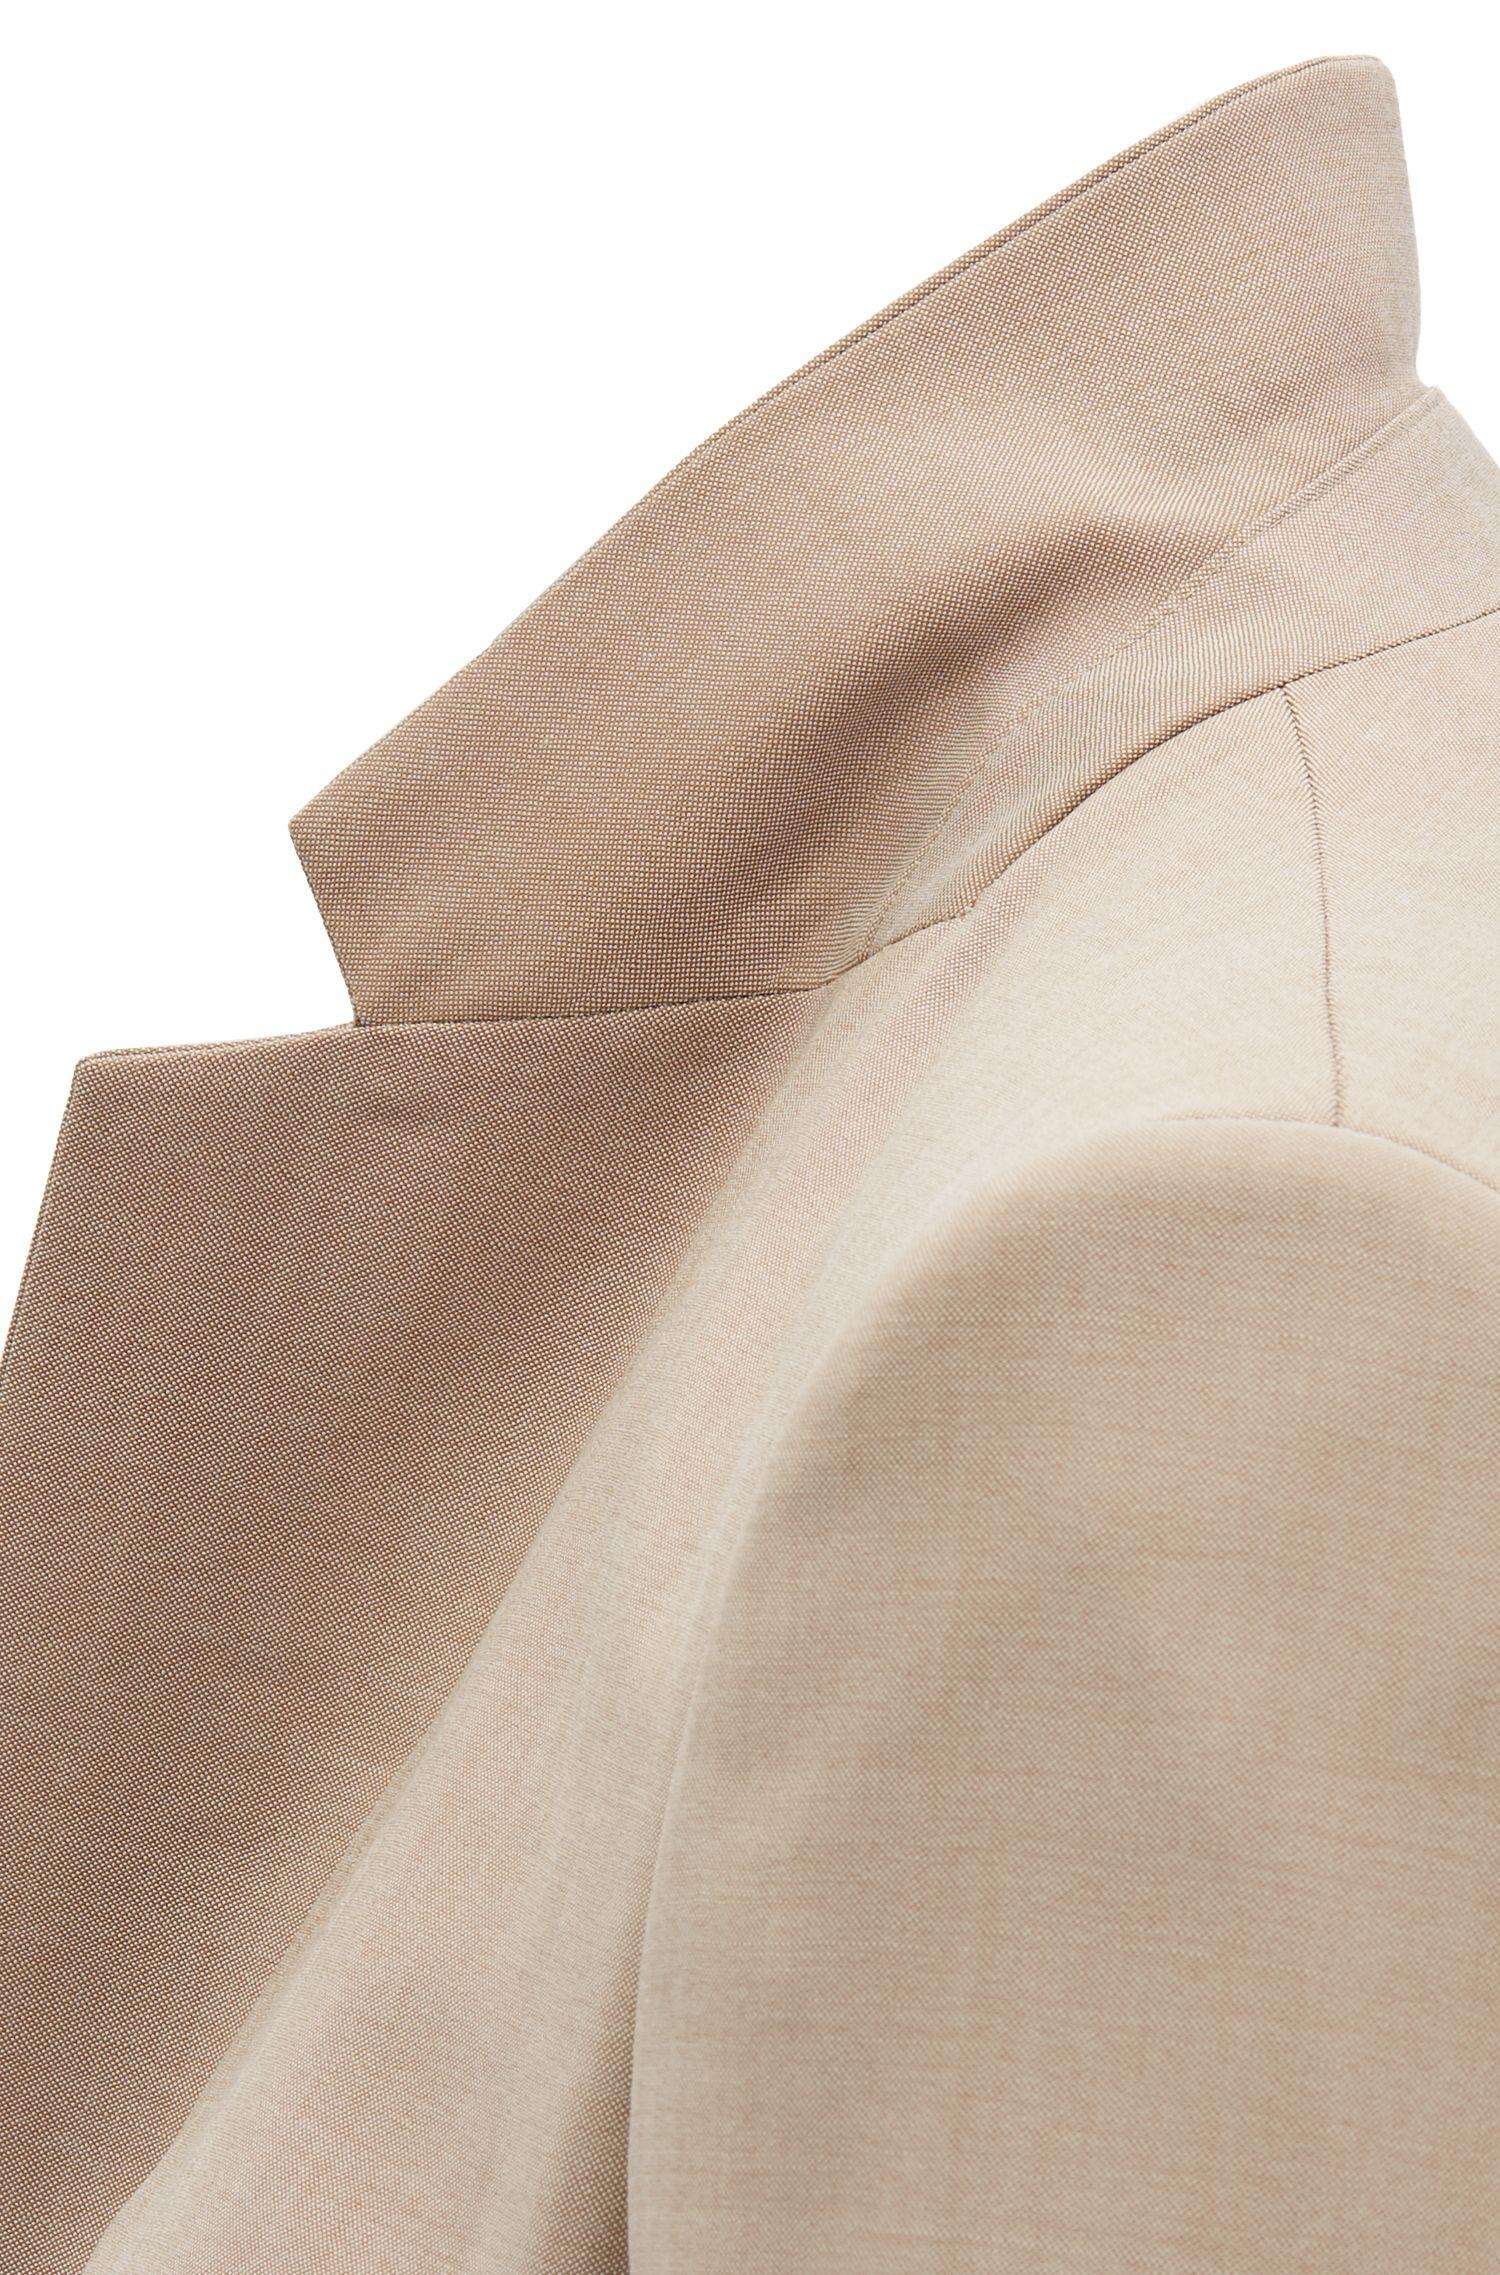 Hugo Boss - Chaqueta regular fit en lana virgen con textura de piel de tiburón - 3